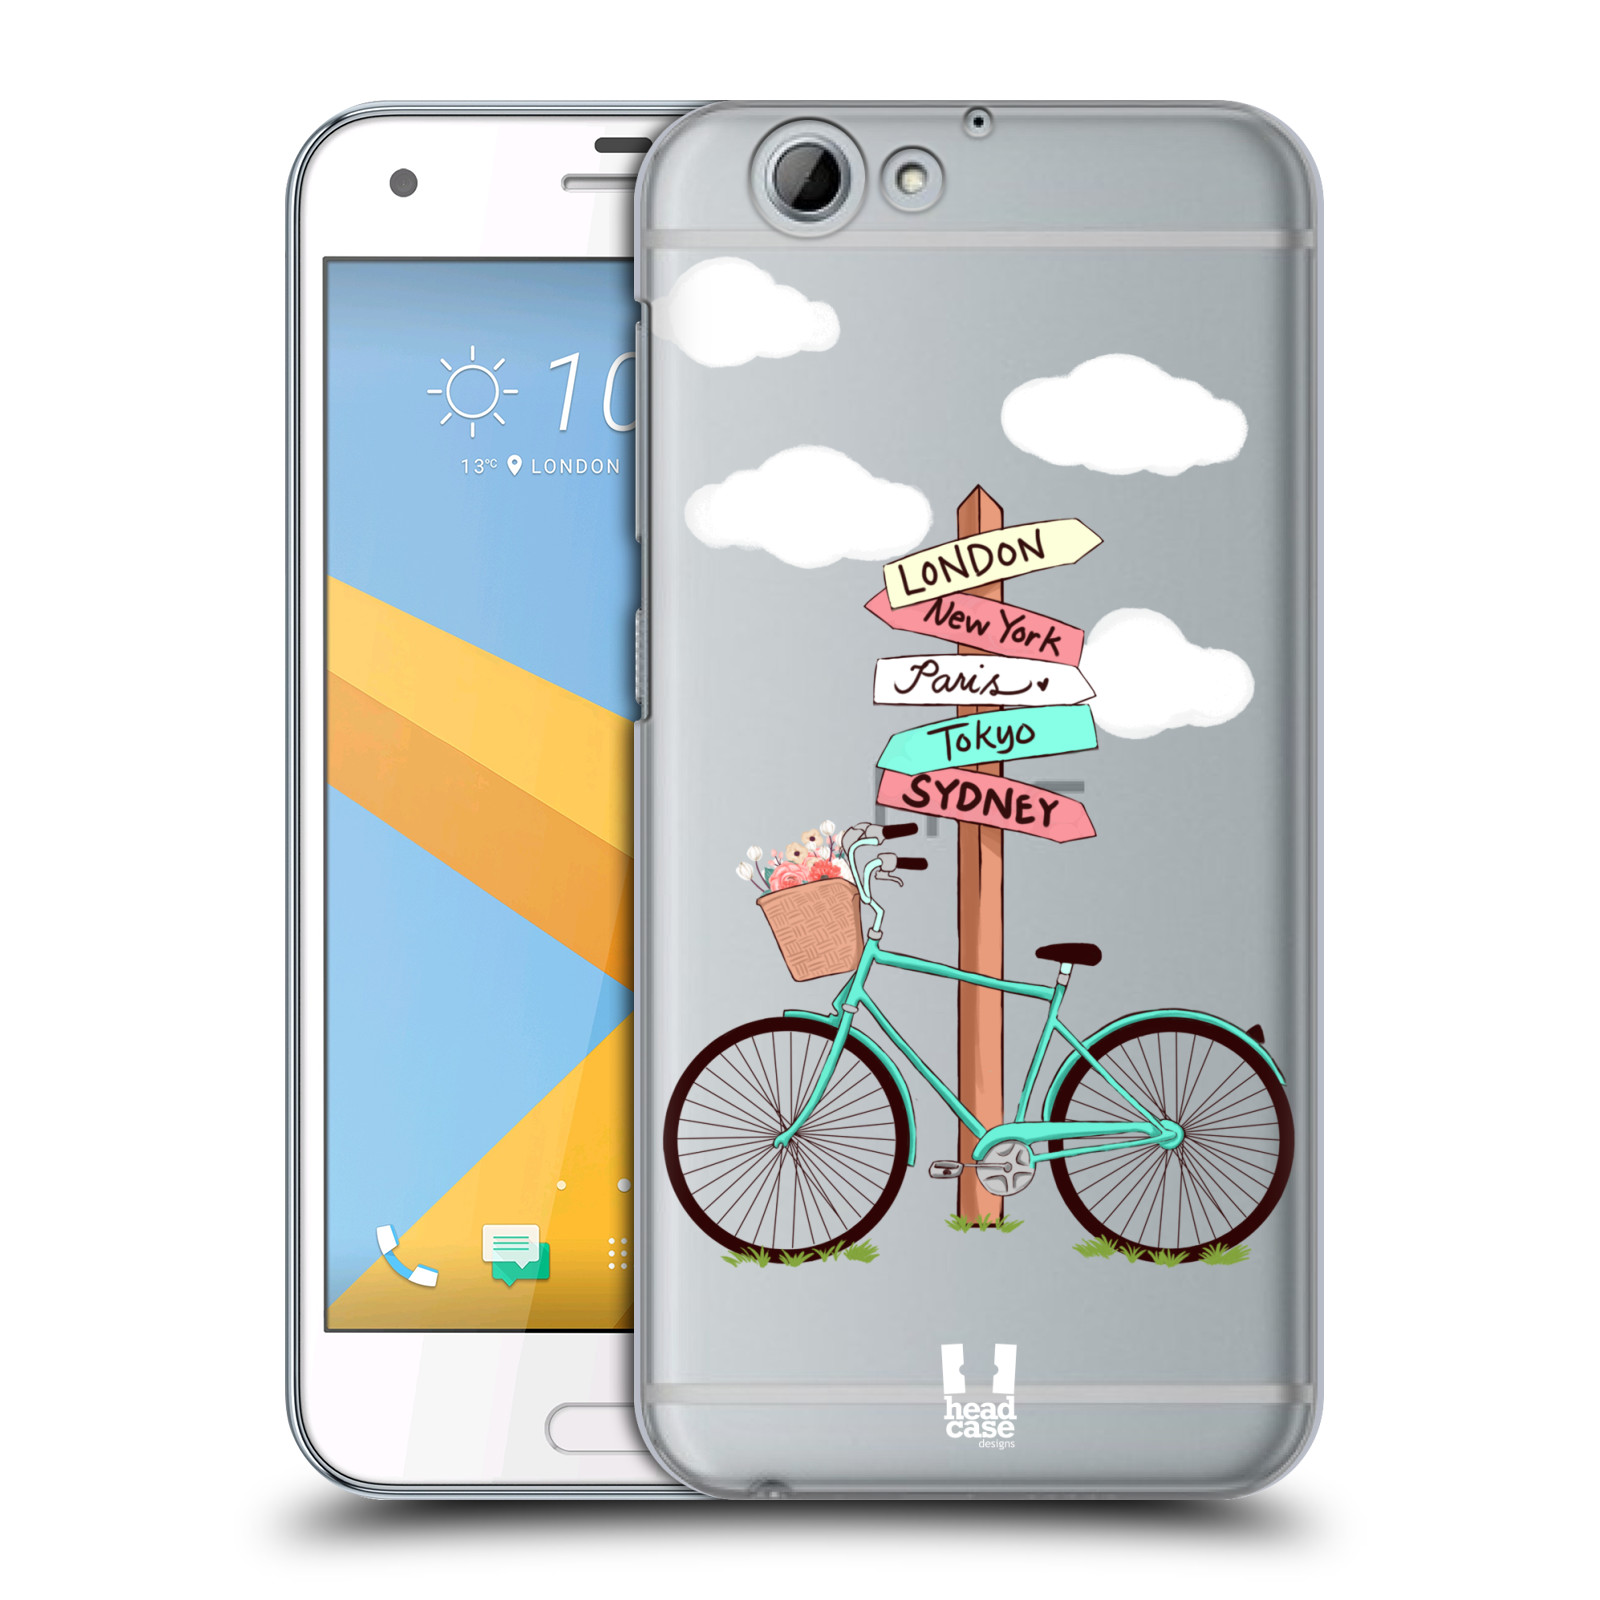 Plastové pouzdro na mobil HTC One A9s Head Case - Rozcestník s kolem (Plastový kryt či obal na mobilní telefon s motivem kola pro HTC One A9s (A9 s))